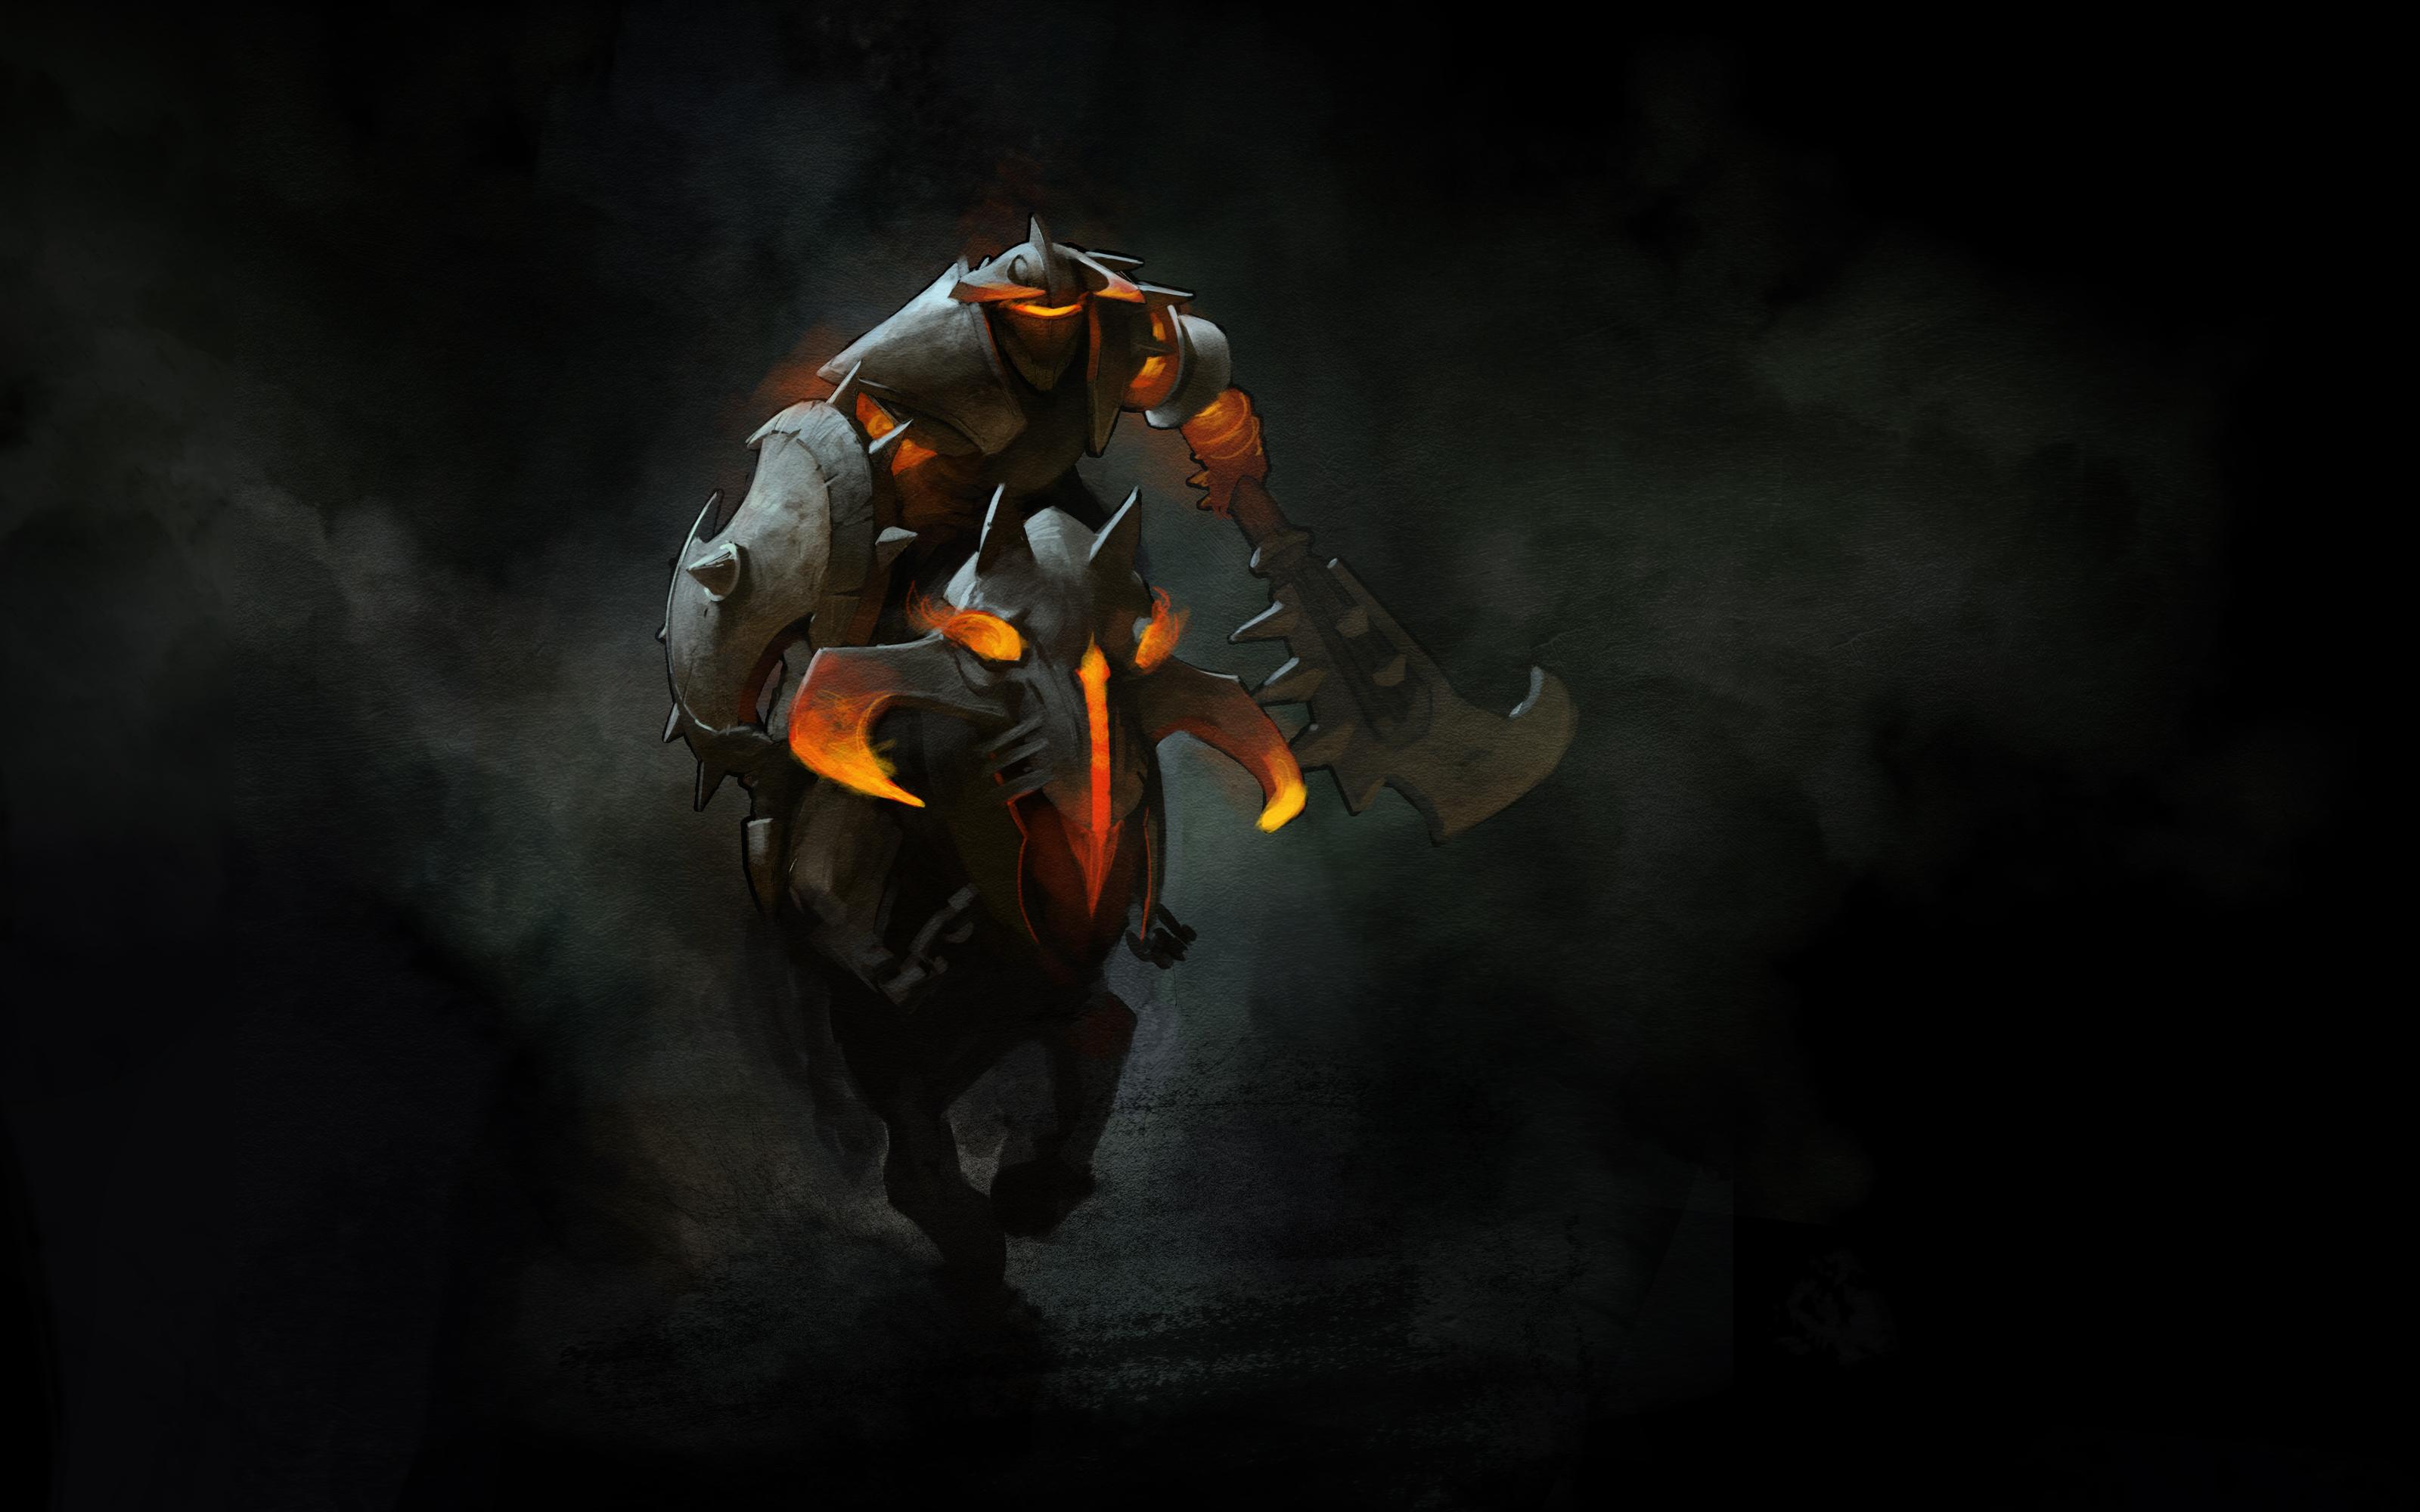 Loạt ảnh nguyên họa của các hero trong DotA 2 - Ảnh 21